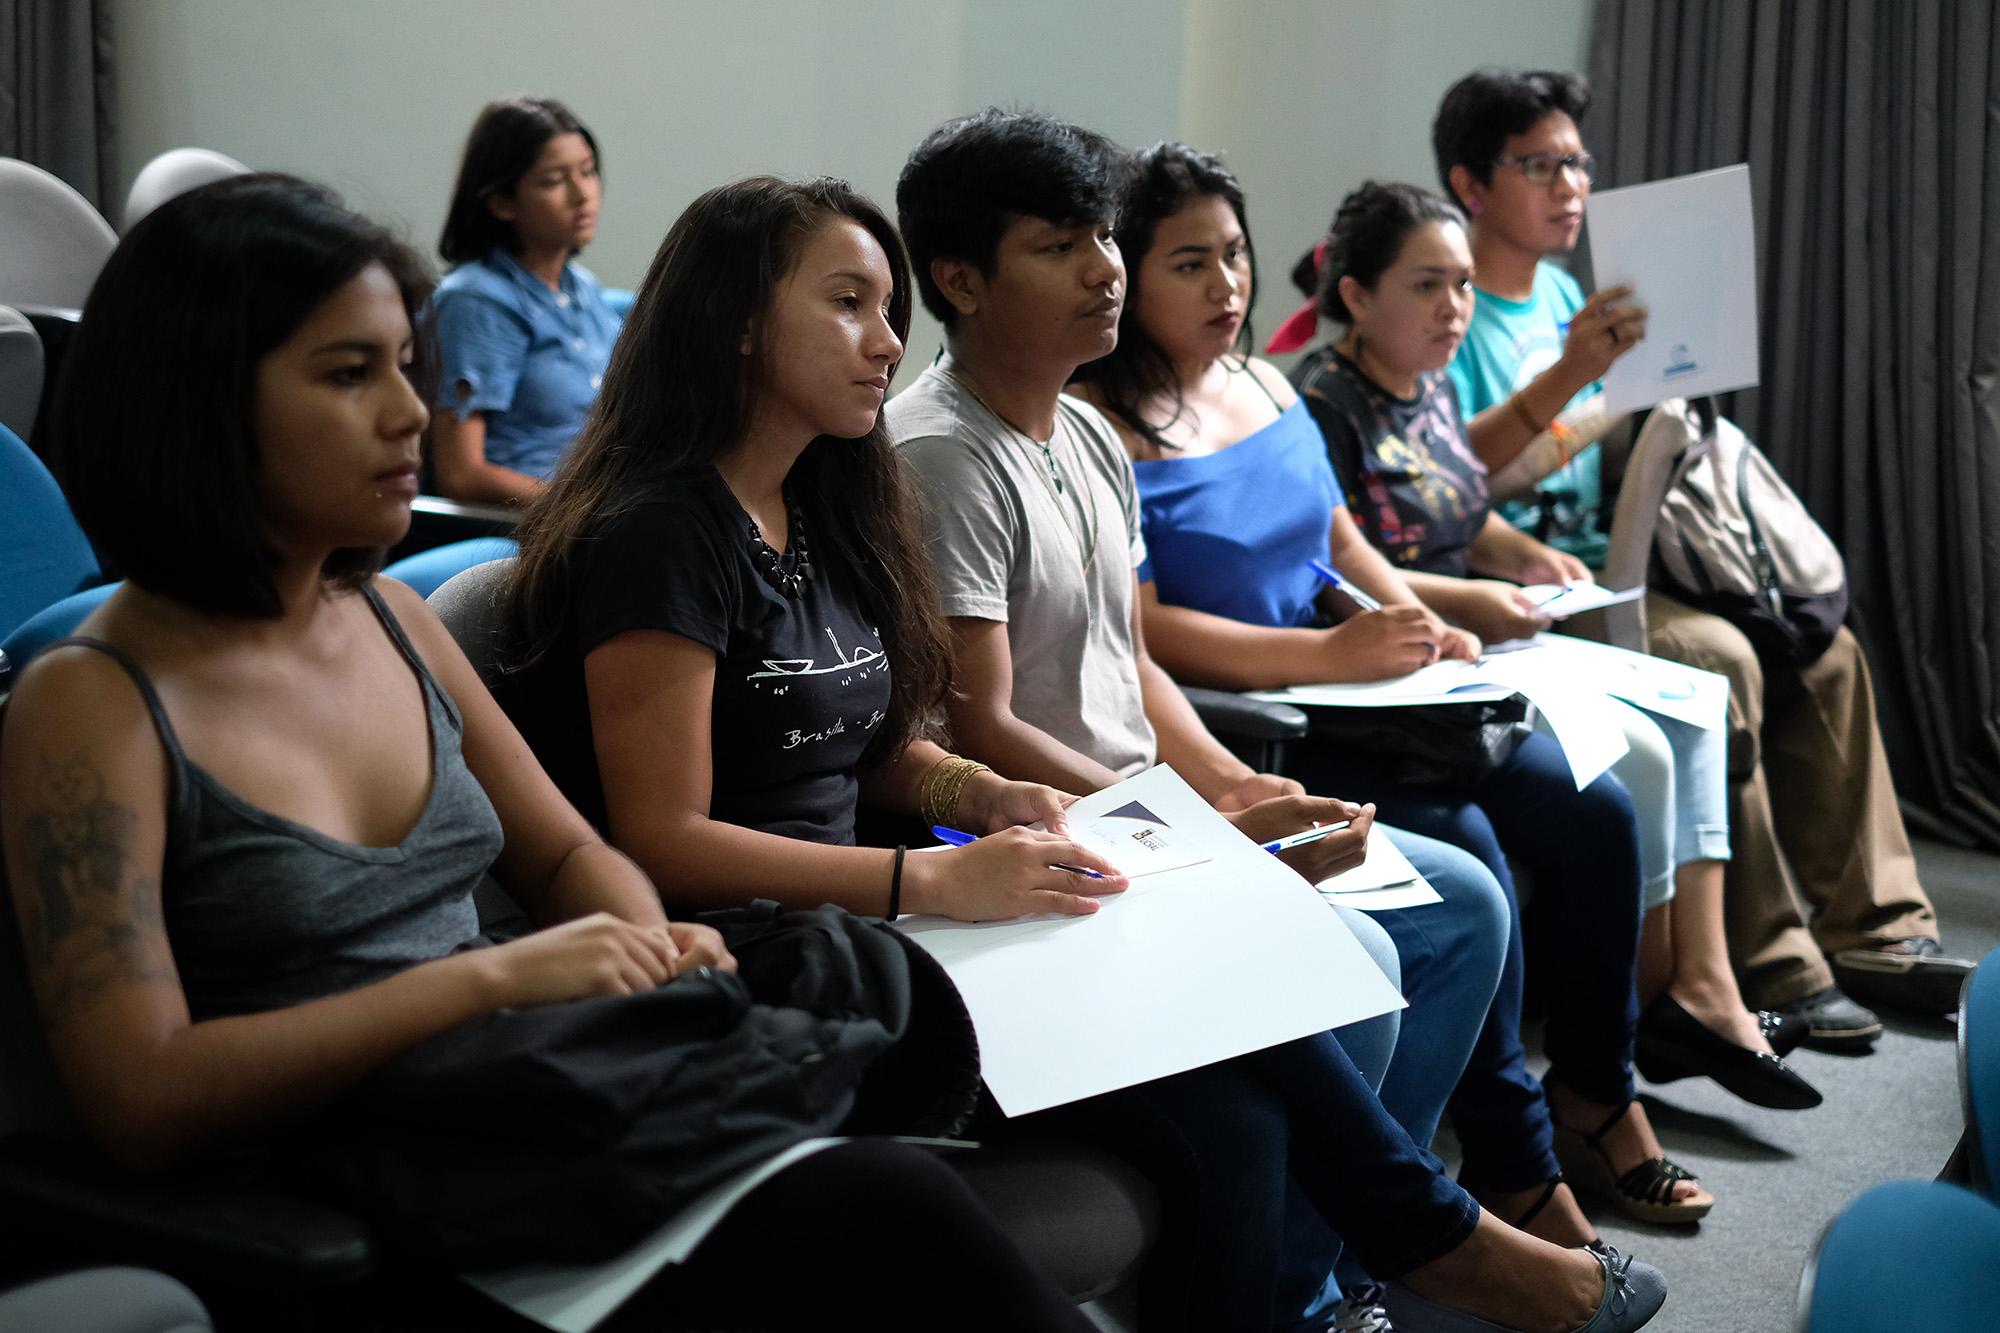 Educação indígena: inclusão requer valorização dos povos da Amazônia nas universidades